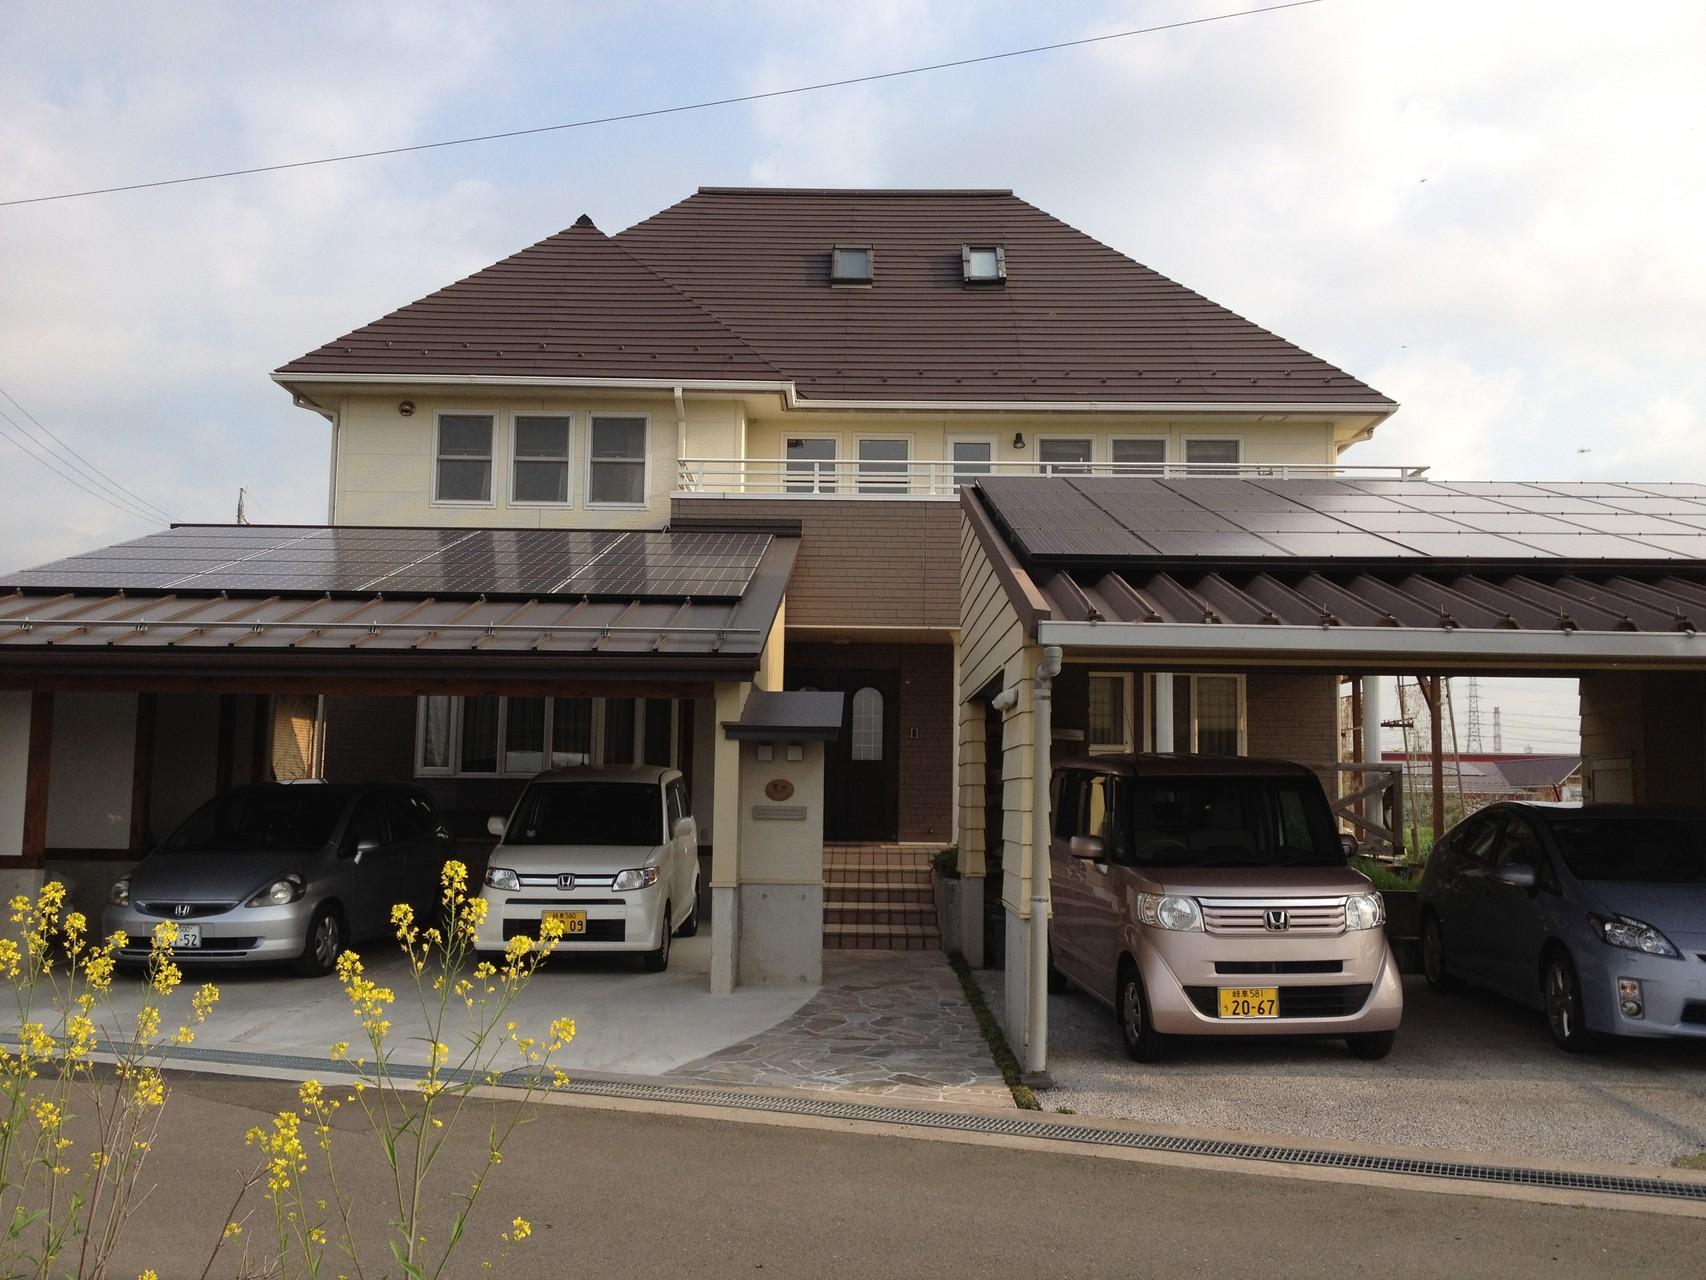 アキレス外張り外断熱の高断熱高気密で、岐阜県瑞穂市にあるショールーム